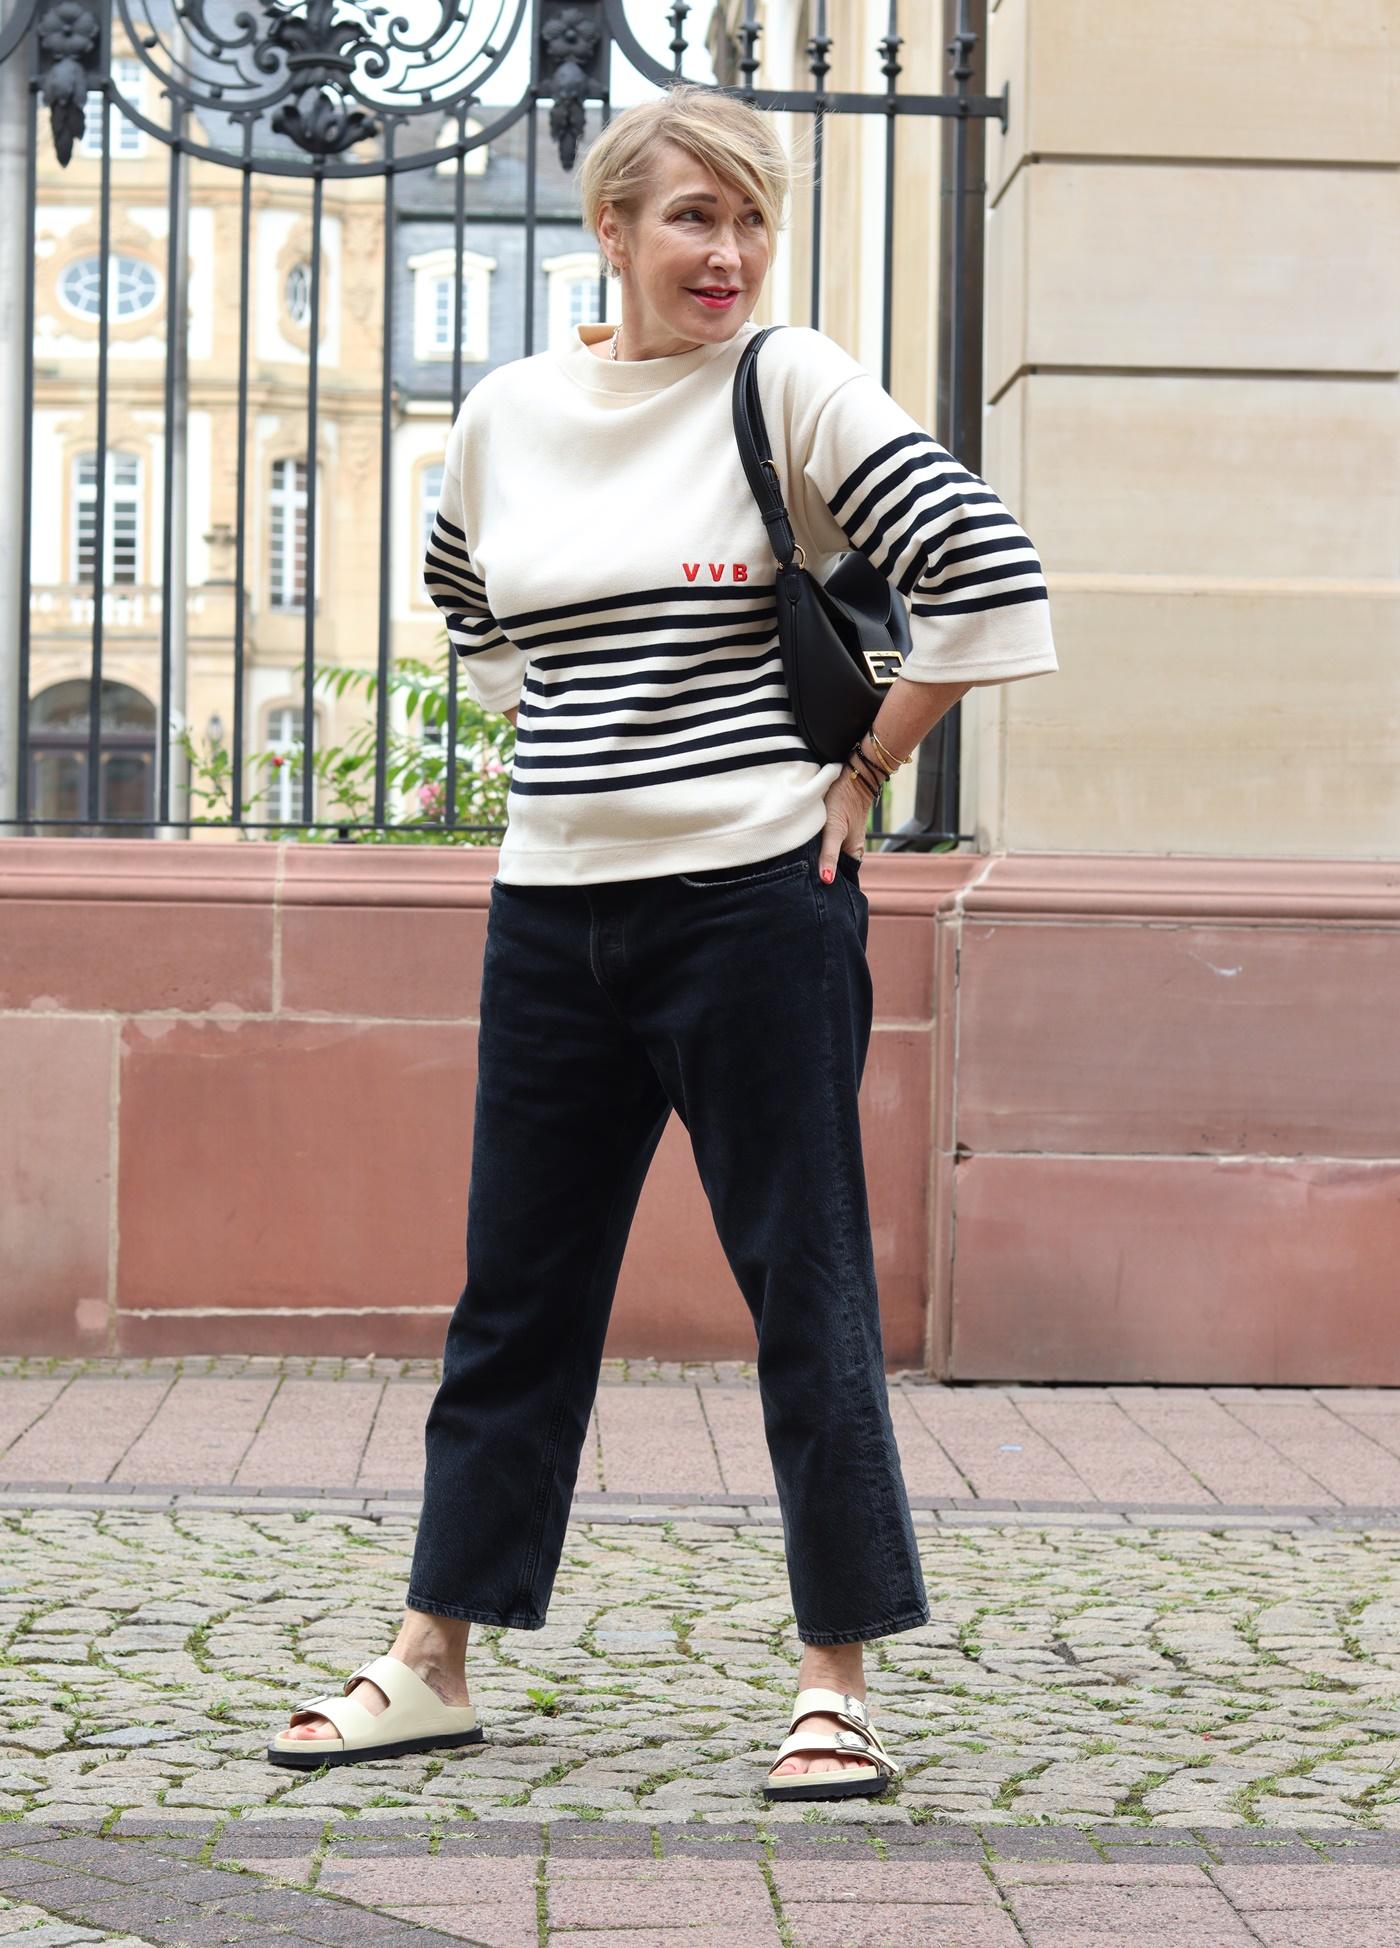 glamupyourlifestyle victoria-beckham-Pullover Birkenstock-jil-sander proteinriegel ue-50-blog ue-50-mode